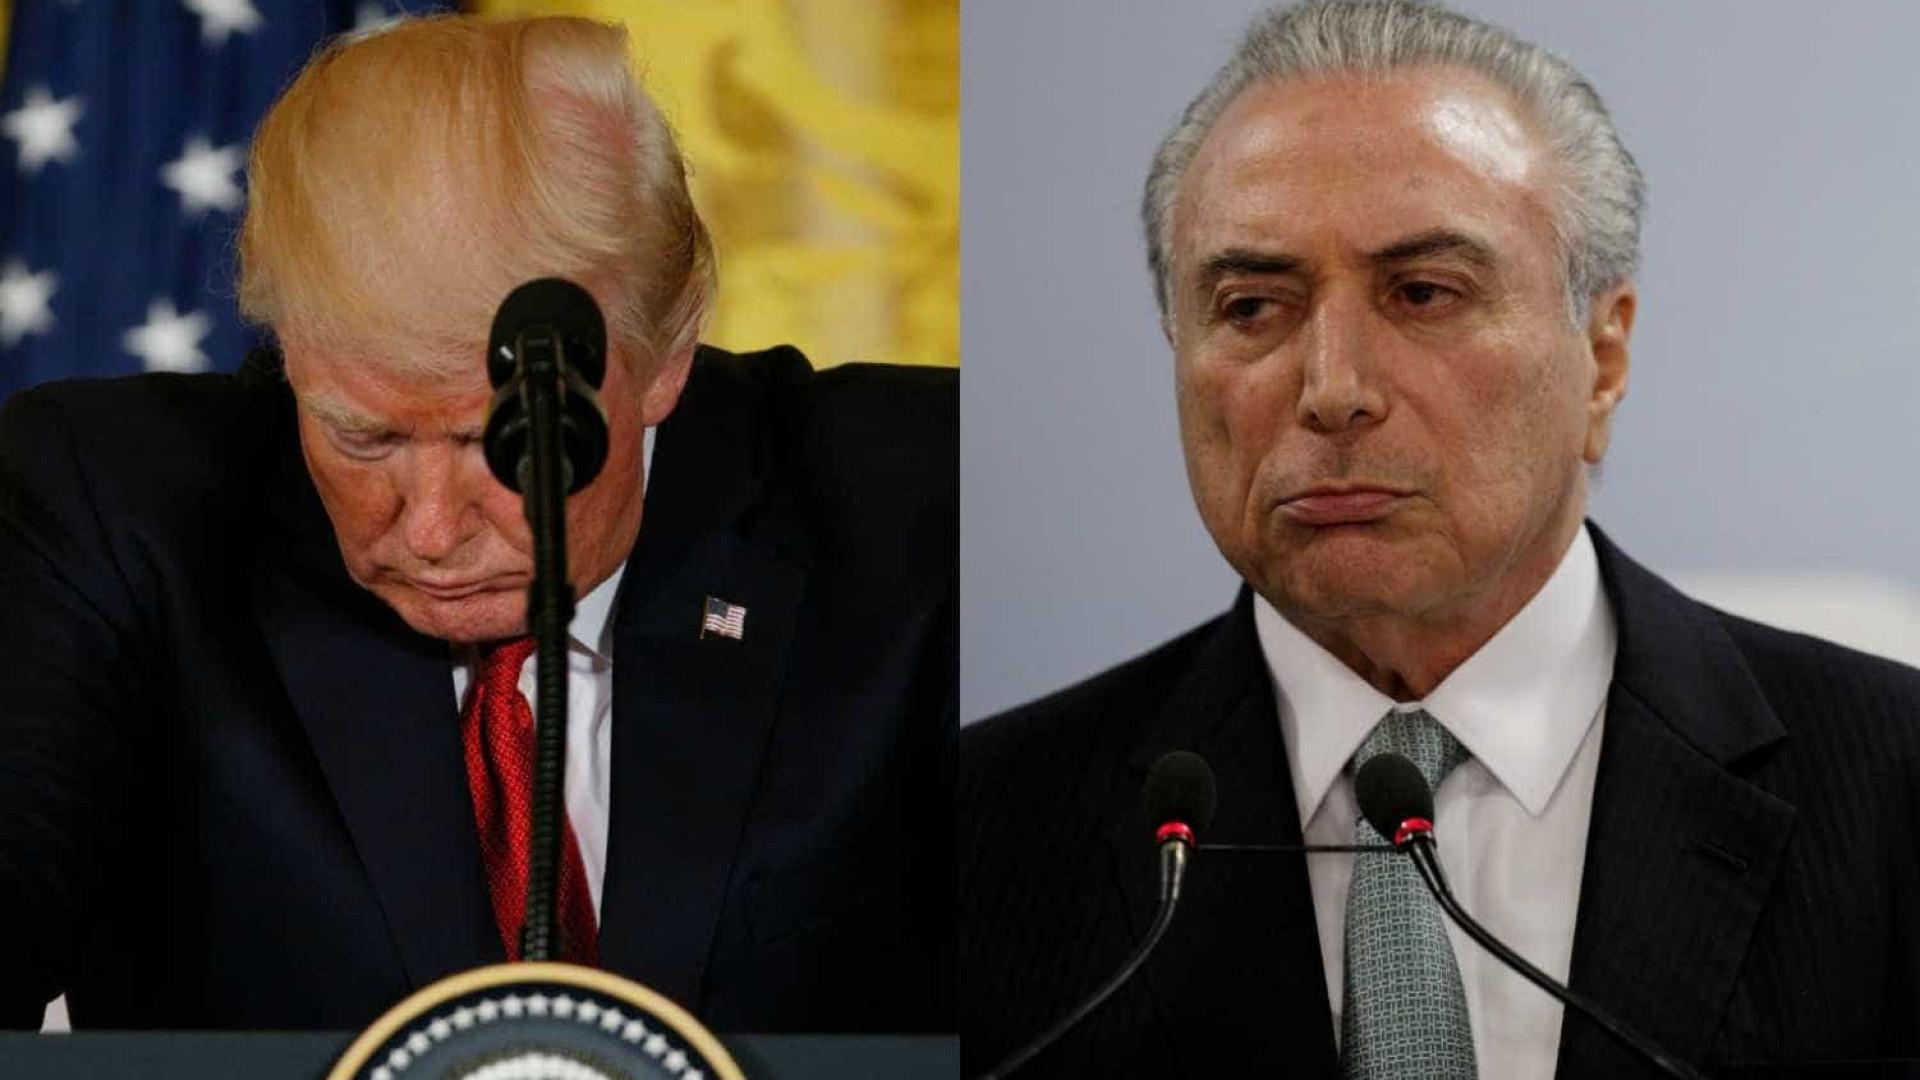 Há Trump e há Temer. O que já escasseia é enredo para 'House of Cards'